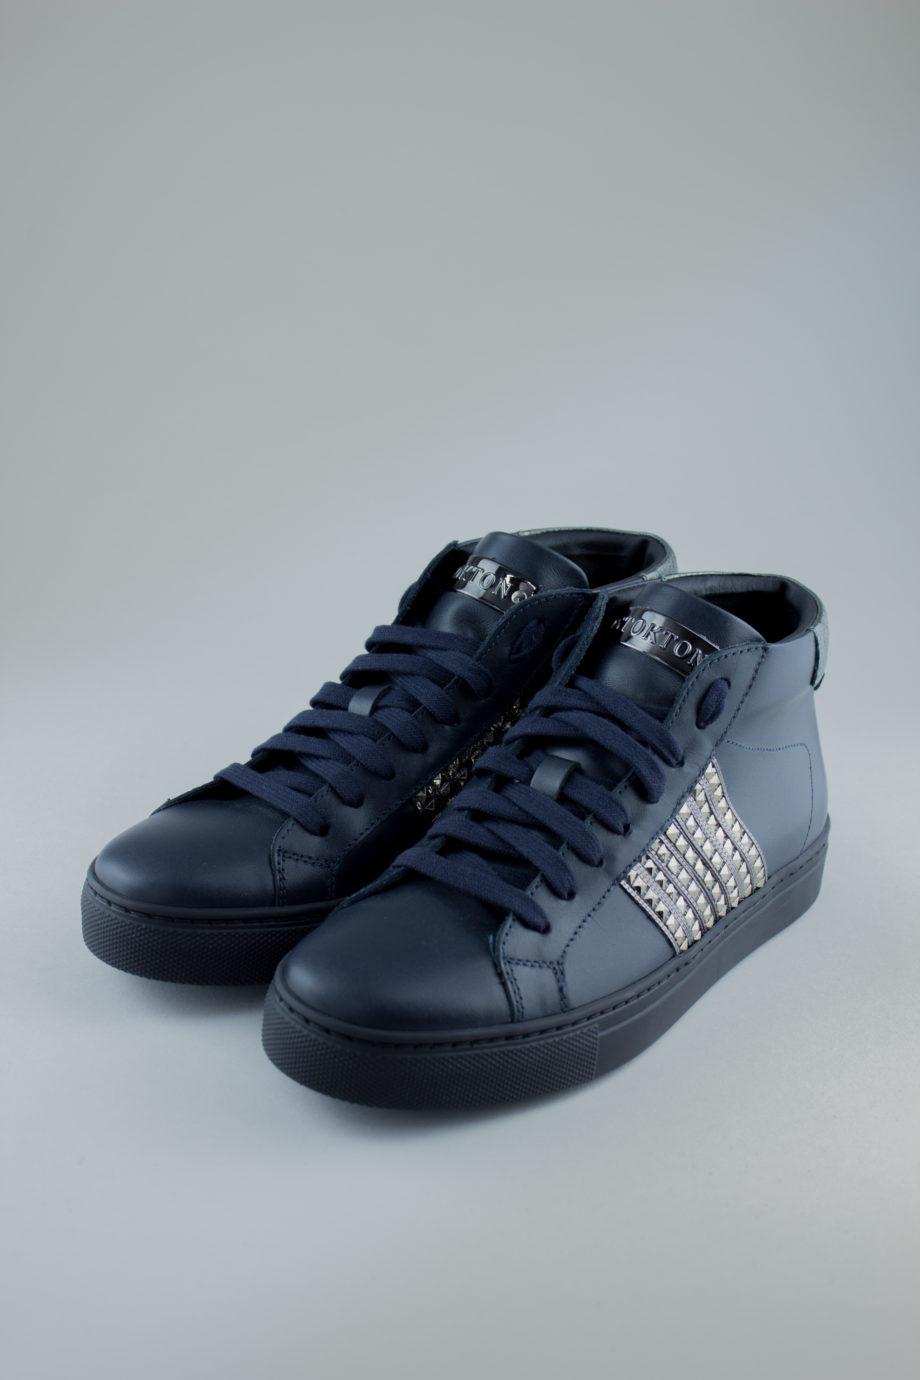 STOKTON Navy Sneakers